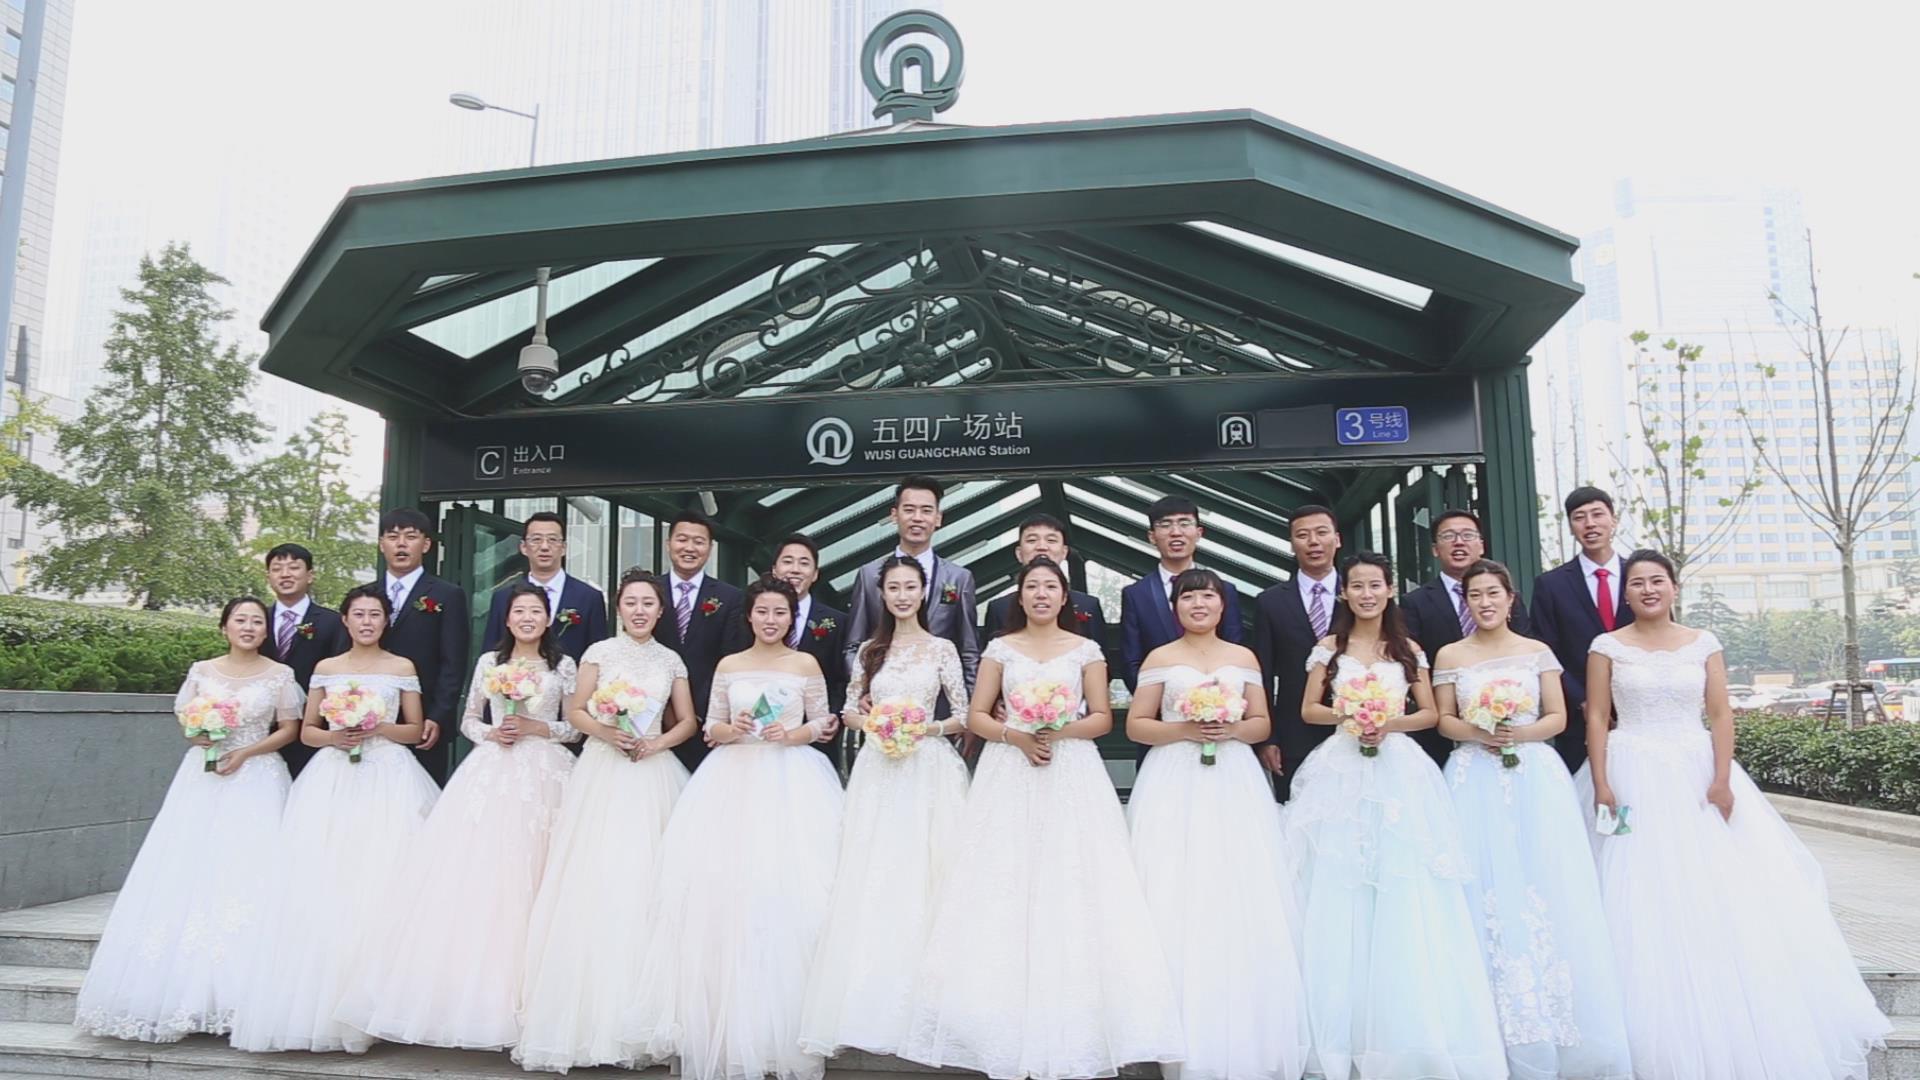 青岛地铁举办集体婚礼 11对新人喜结连理